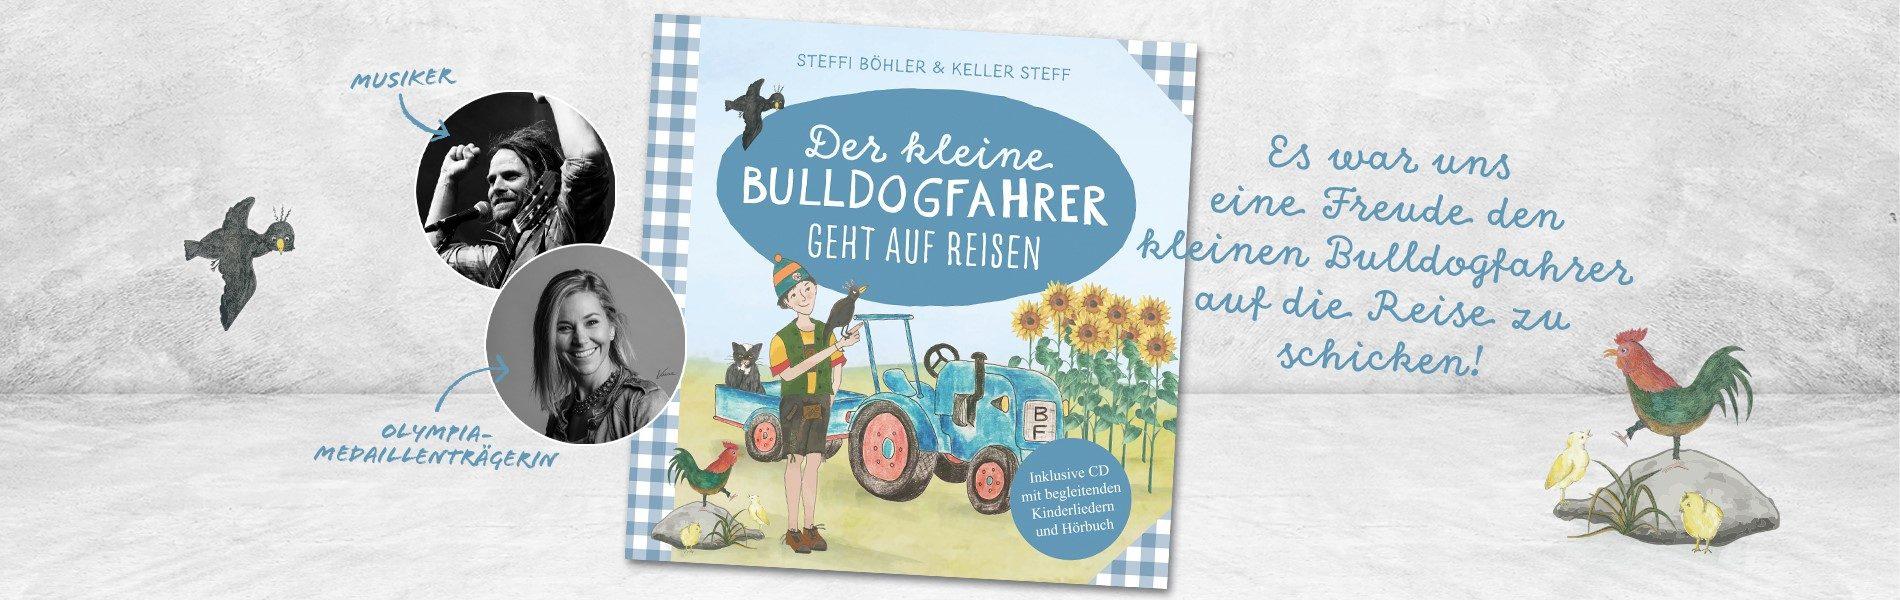 Kinder Buch der kleine Bulldogfaher geht auf Reisen